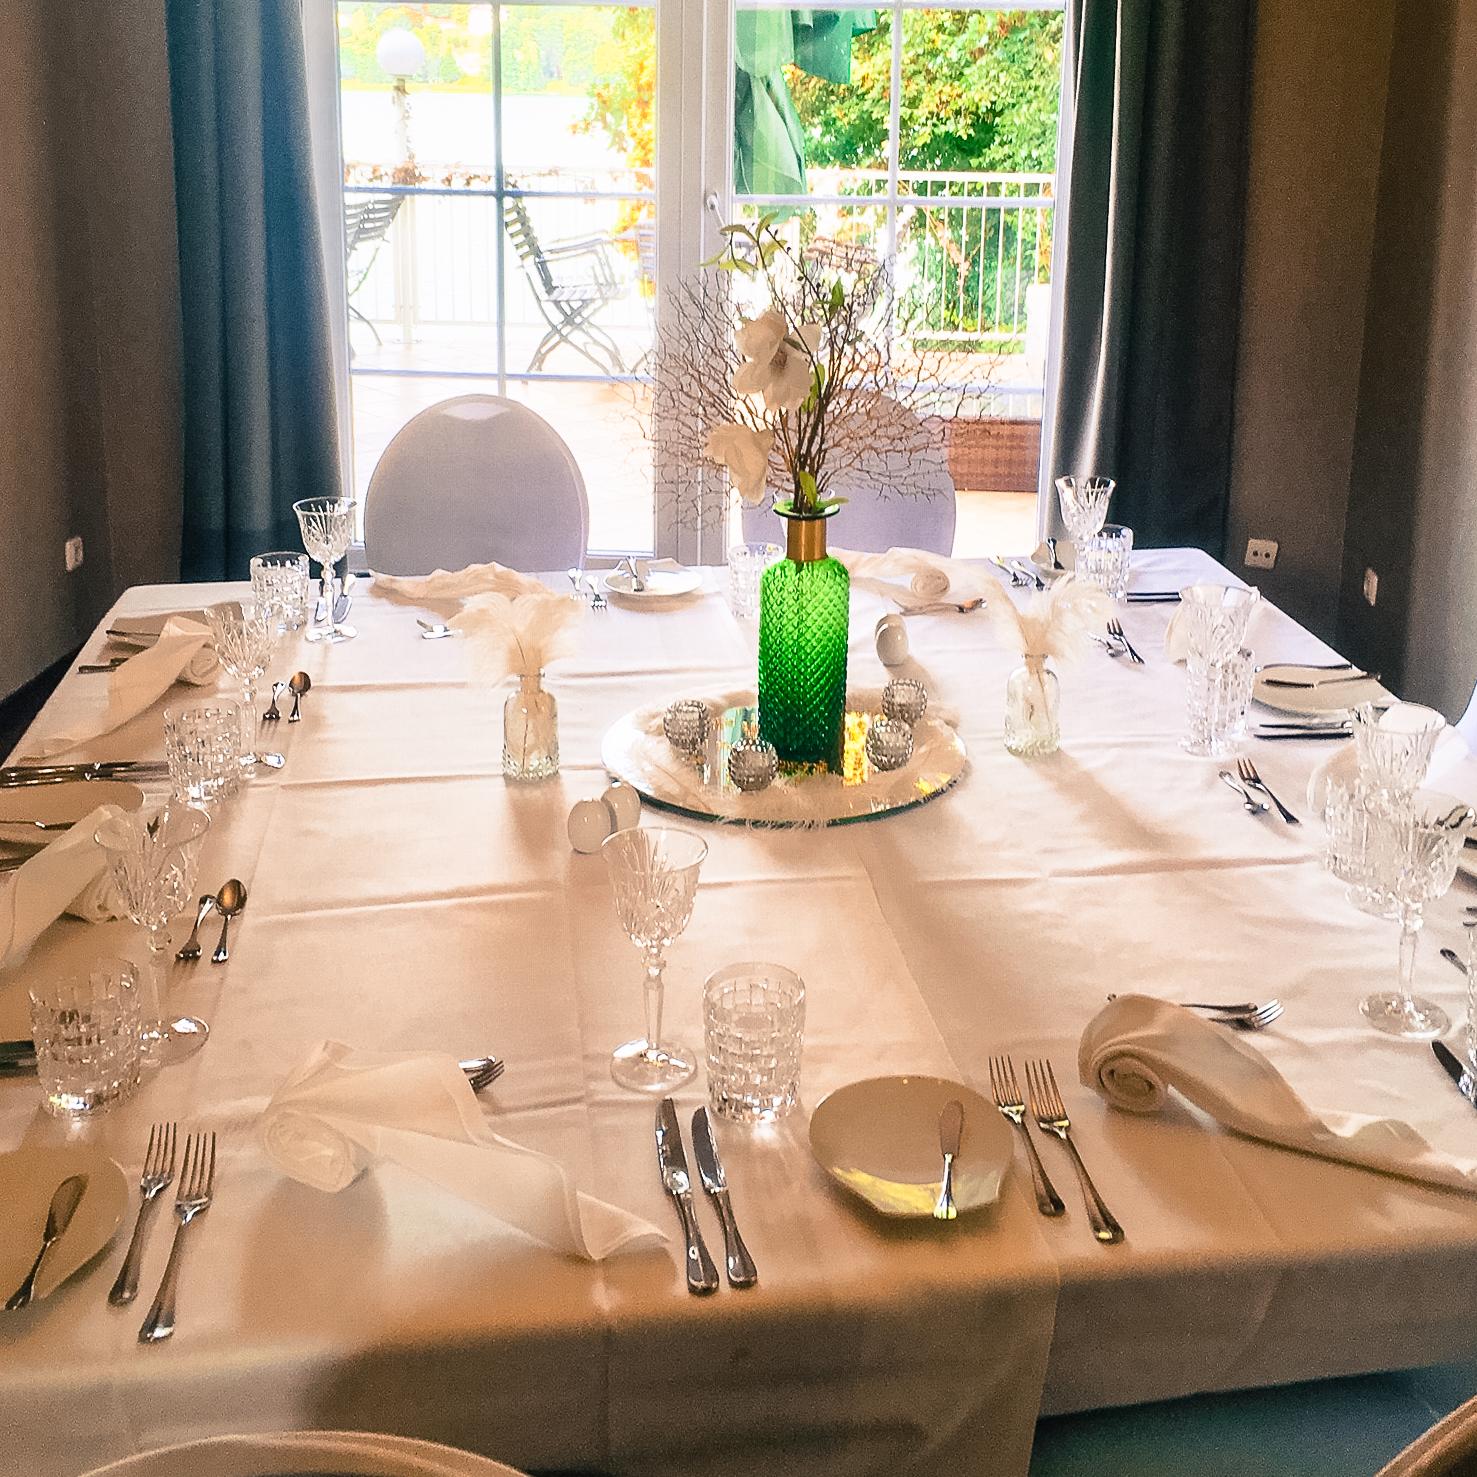 gastro raeume inspiration strandhotel vier jahreszeiten ort buckow restaurant b